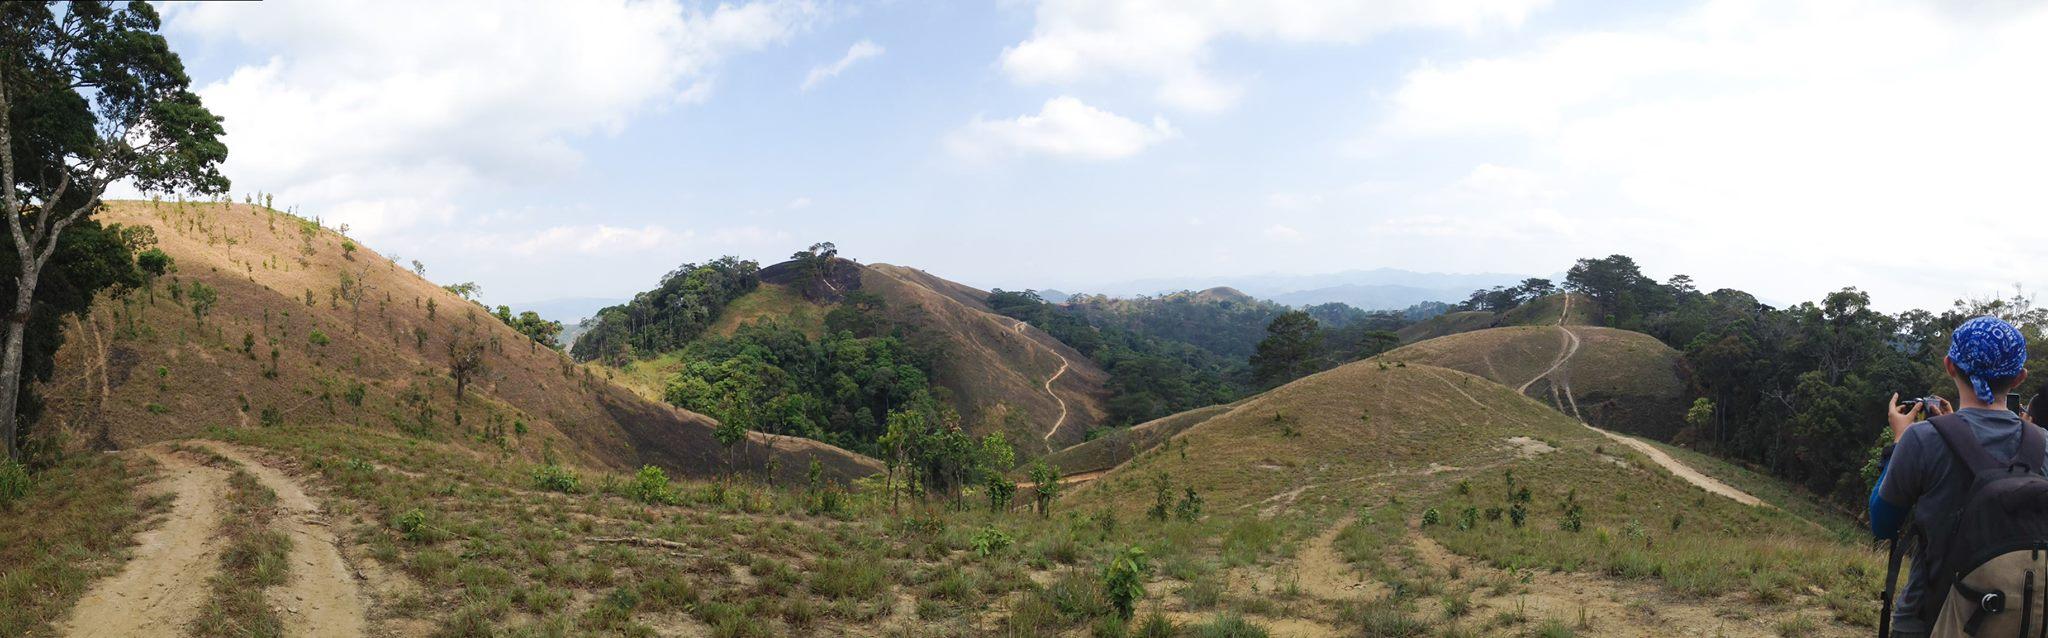 Cung đường trekking đẹp nhất Việt Nam Tà Năng Phan Dũng Mùa cỏ cháy 16